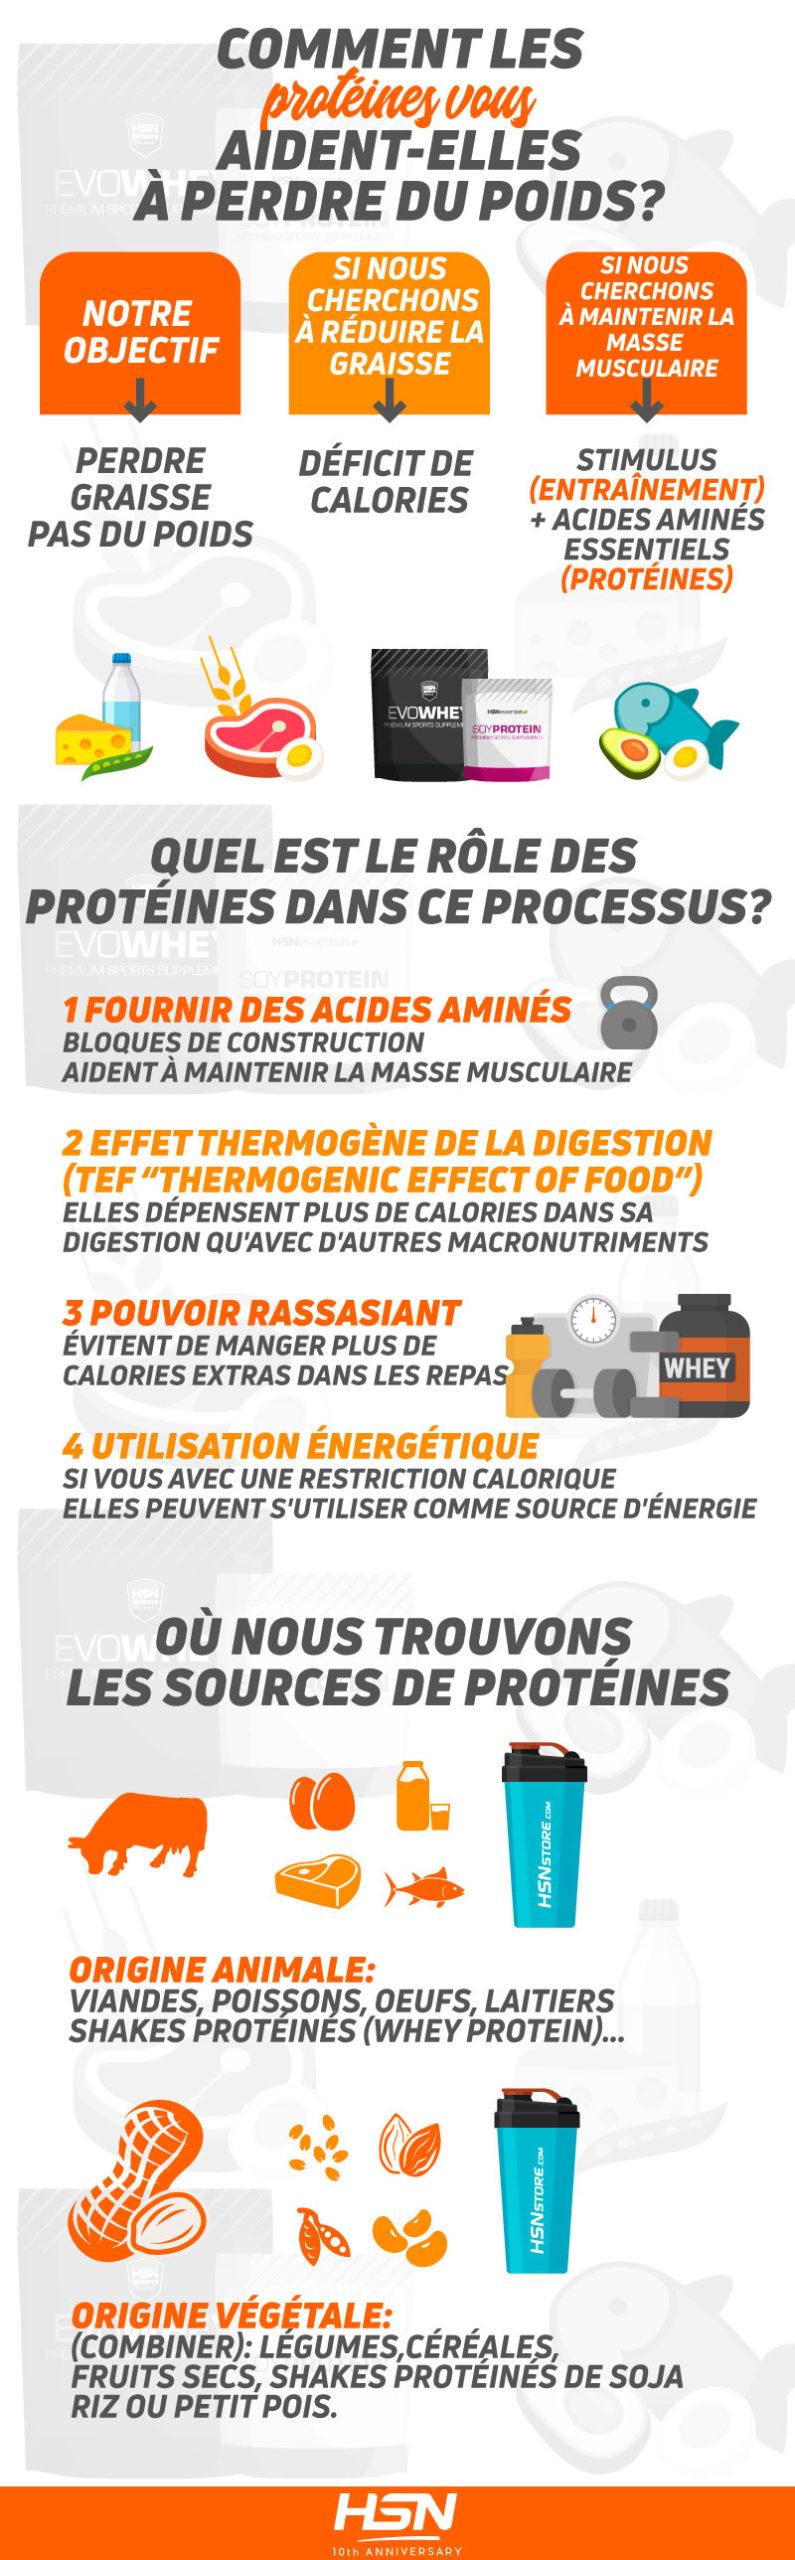 Comment les protéines aident-elles à perdre du poids ?